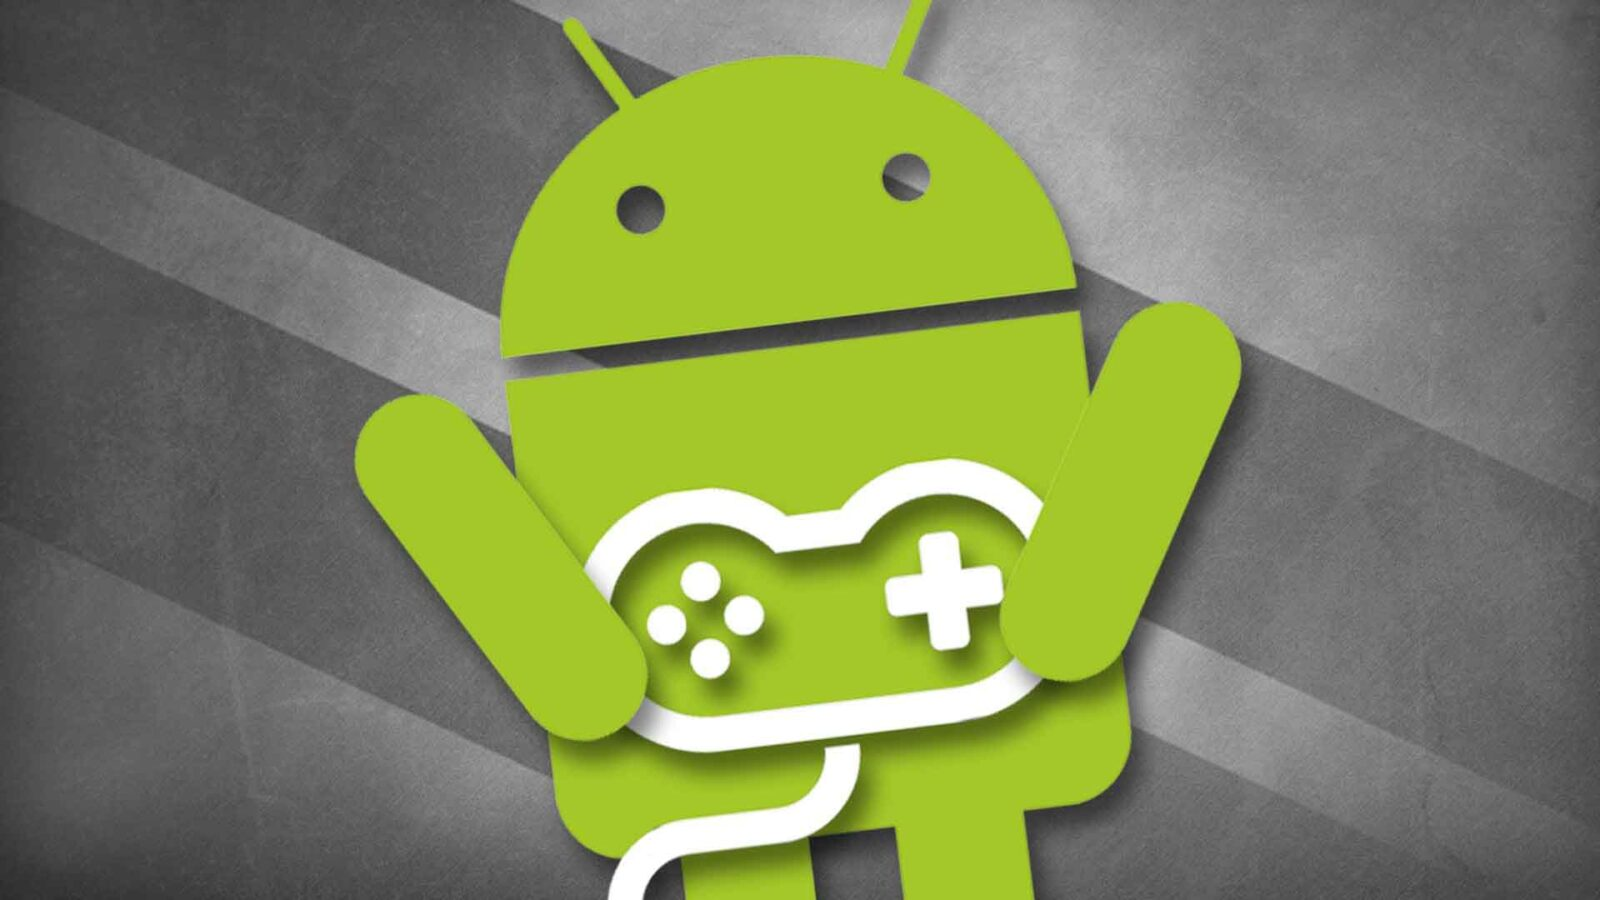 بازی های پولی اندروید و iOS که به تازگی رایگان شدهاند